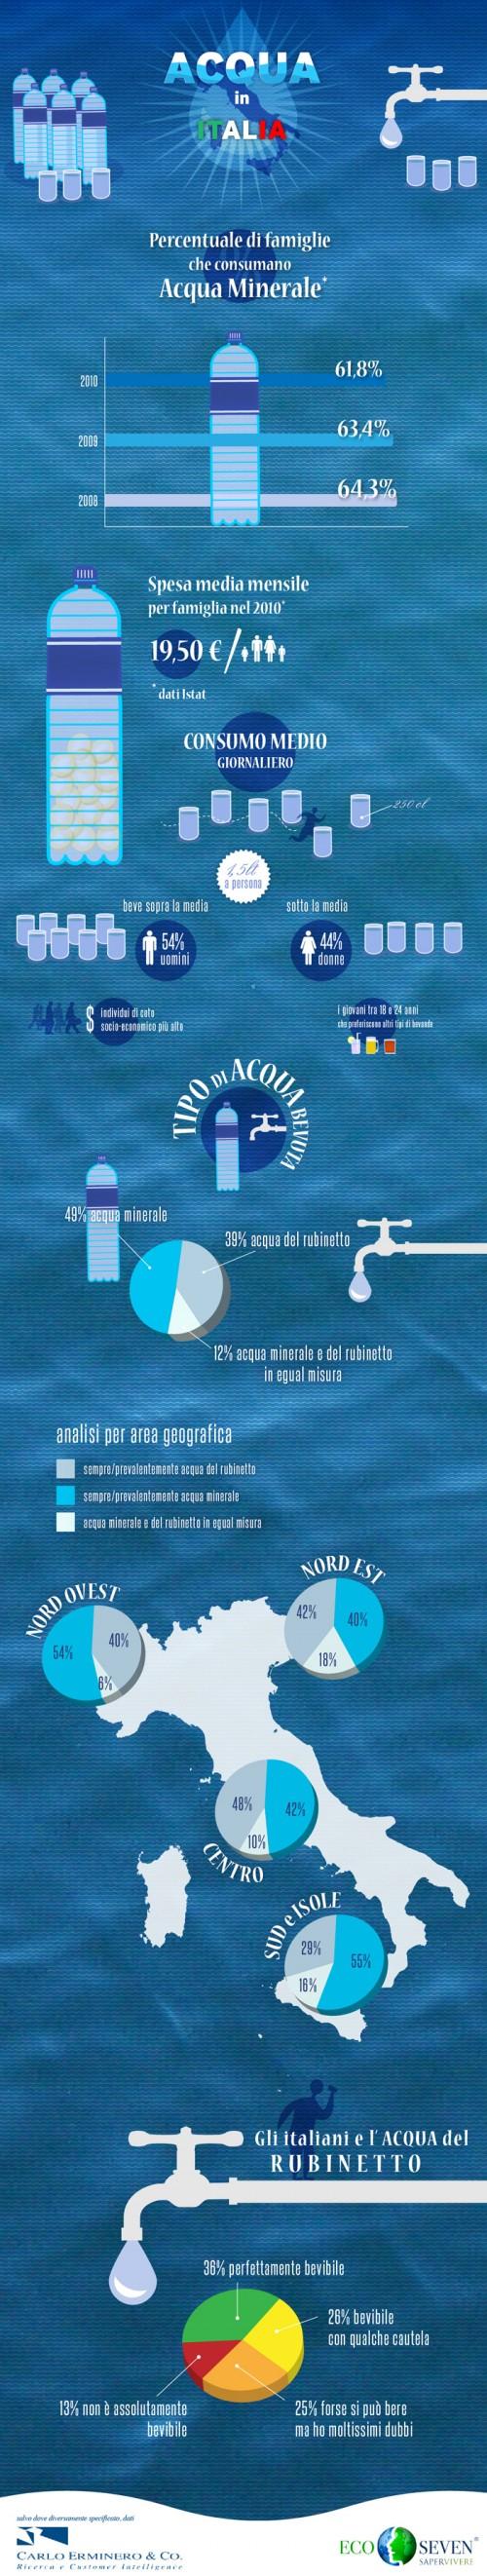 infografica-acqua-minerale-Italia-Ecoseven